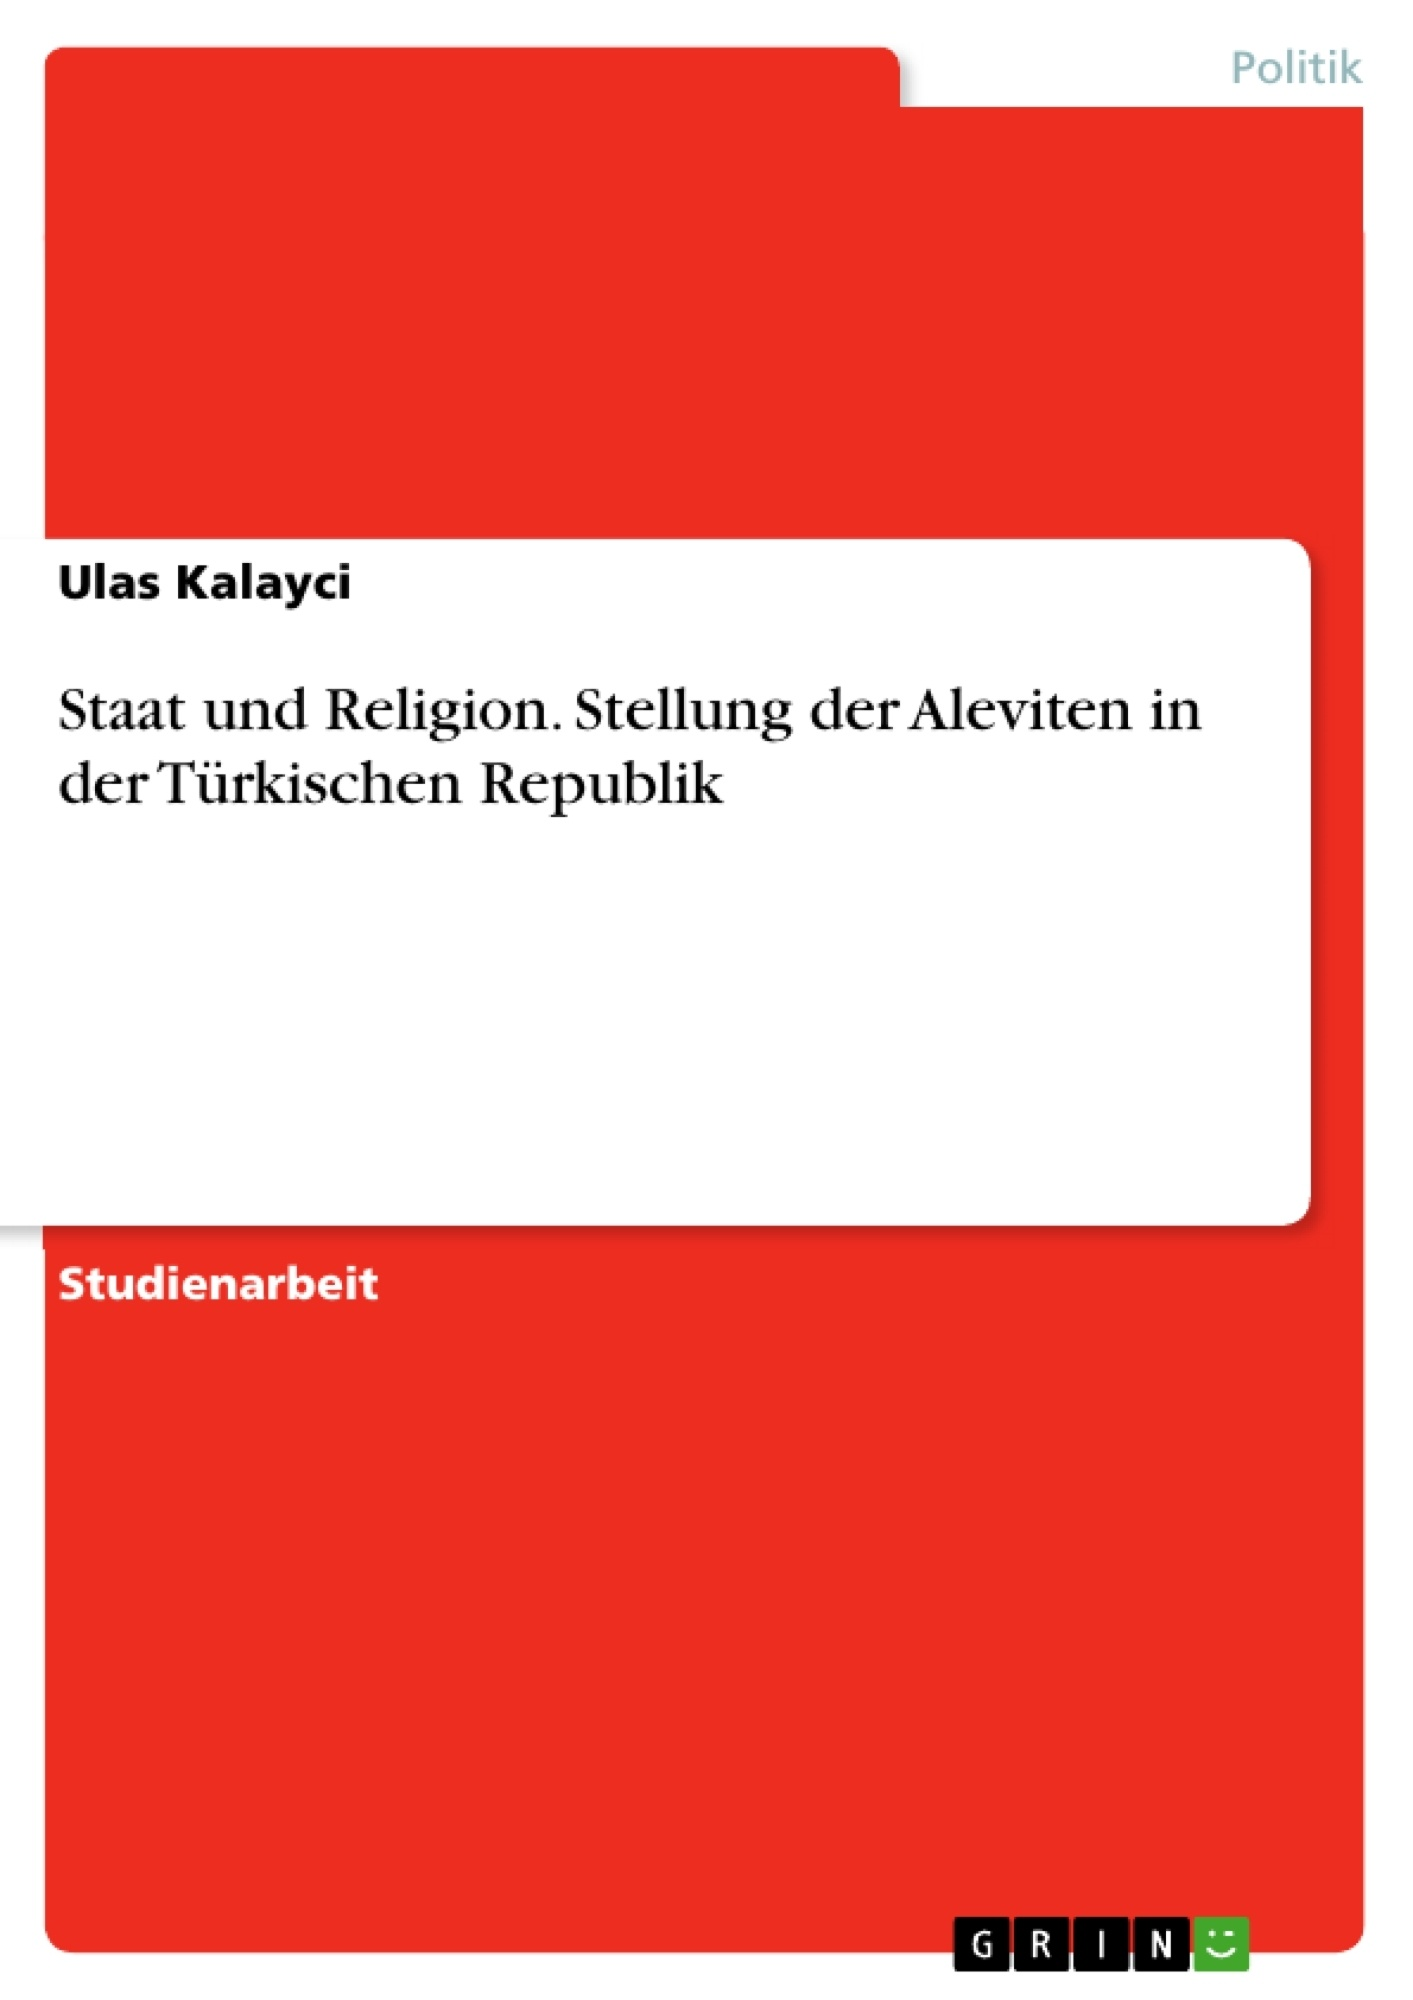 Titel: Staat und Religion. Stellung der Aleviten in der Türkischen Republik